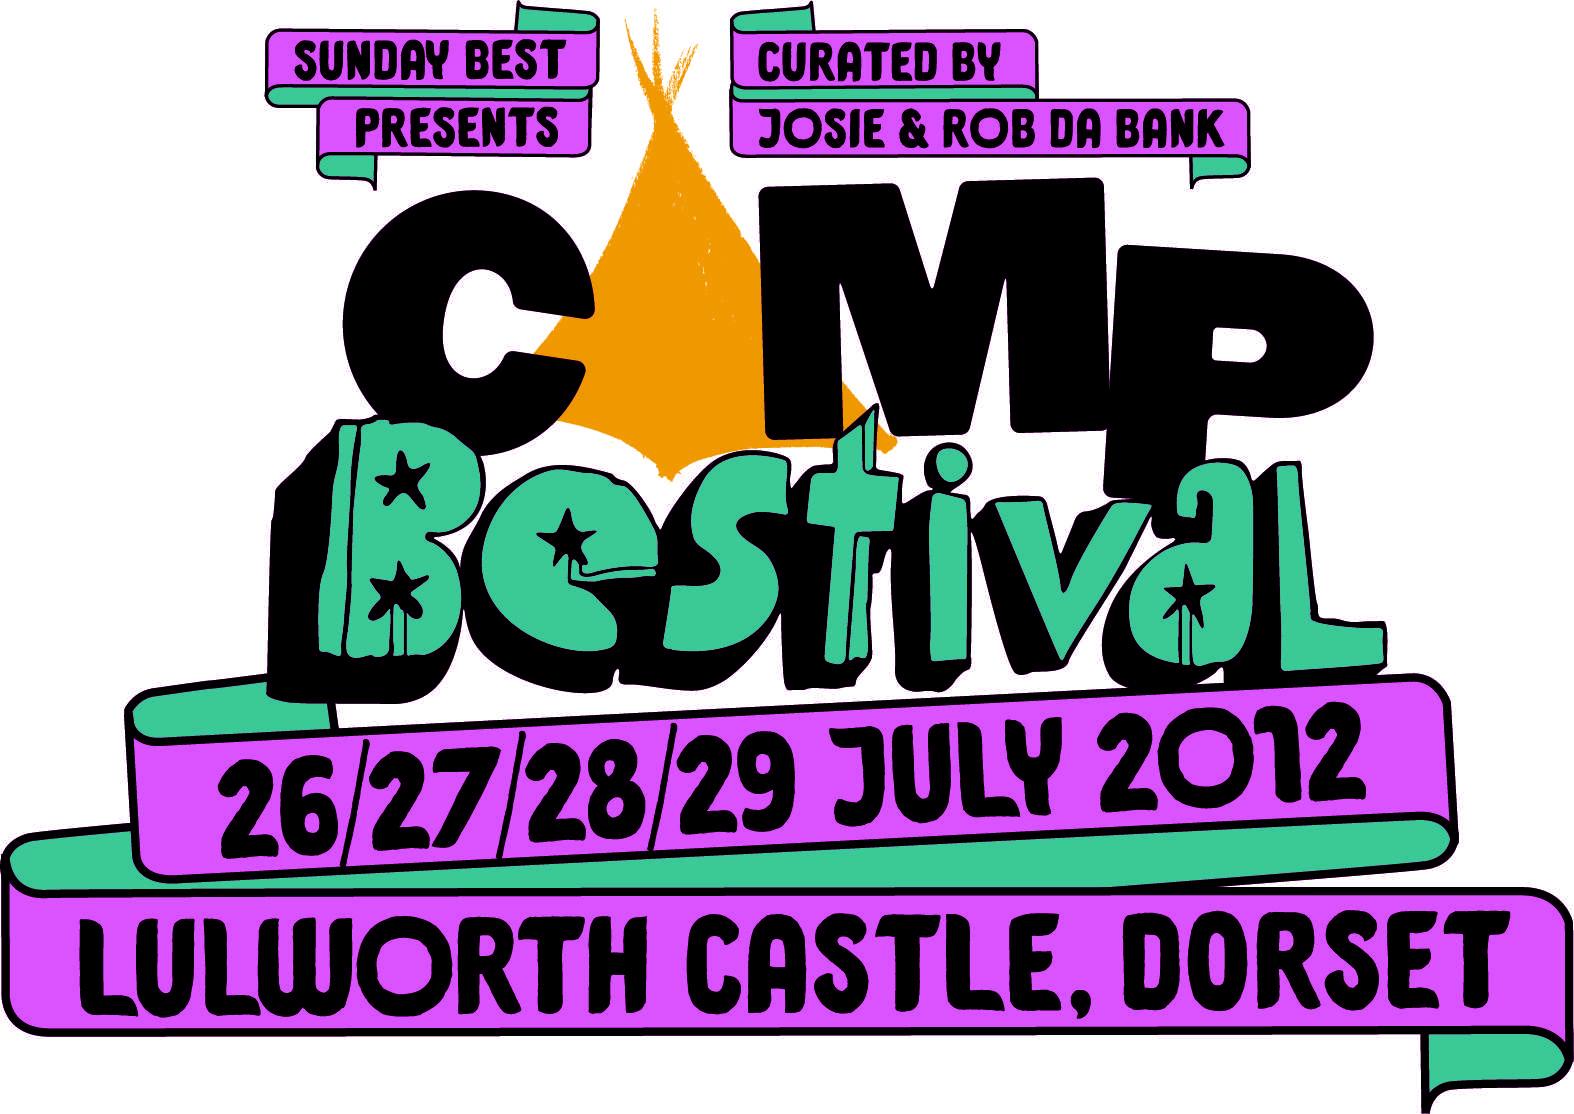 Classic Album Sundays Returns to Camp Bestival!